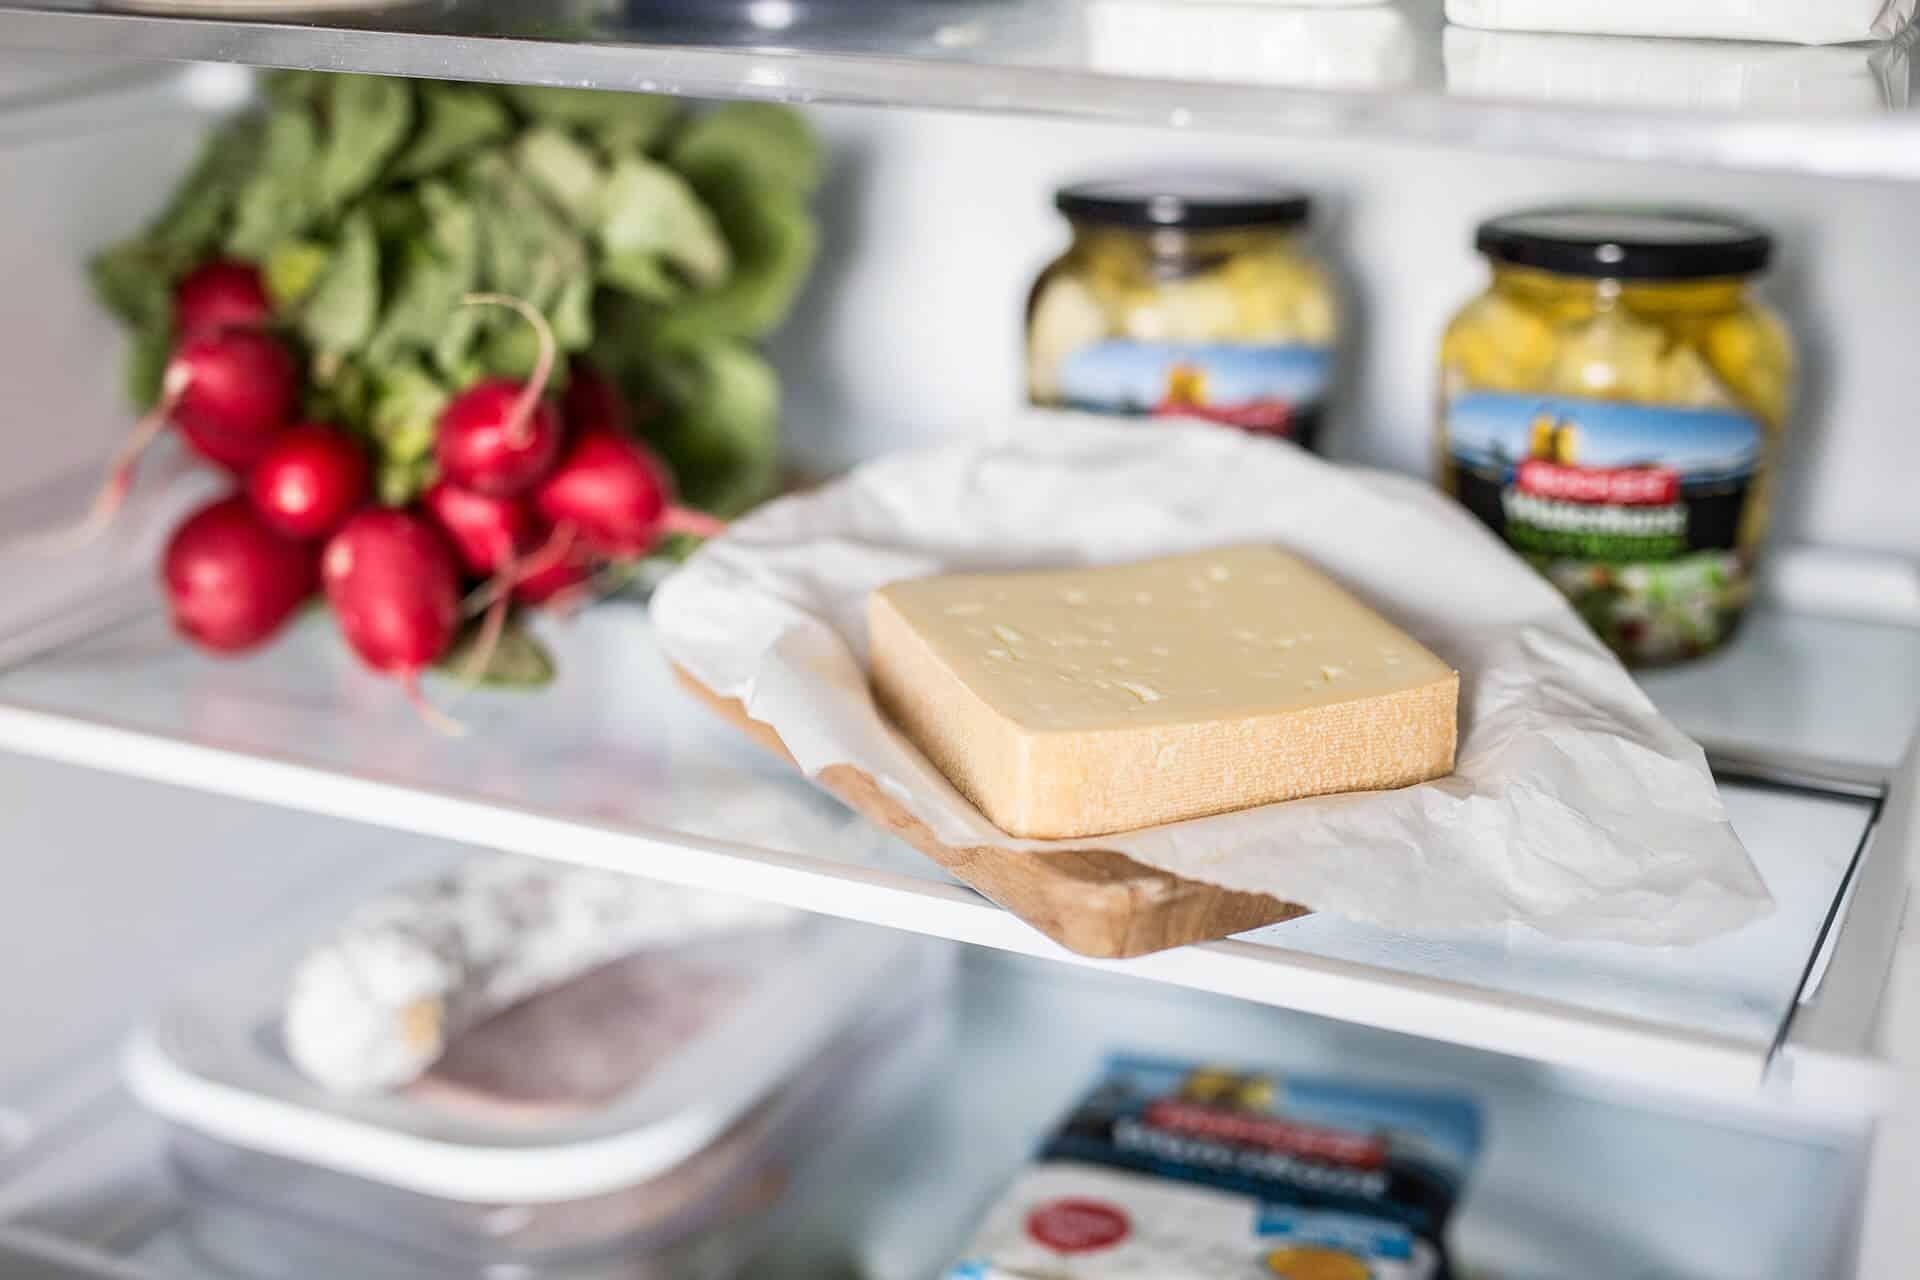 Käse im Kühlschrank richtig aufbewahren